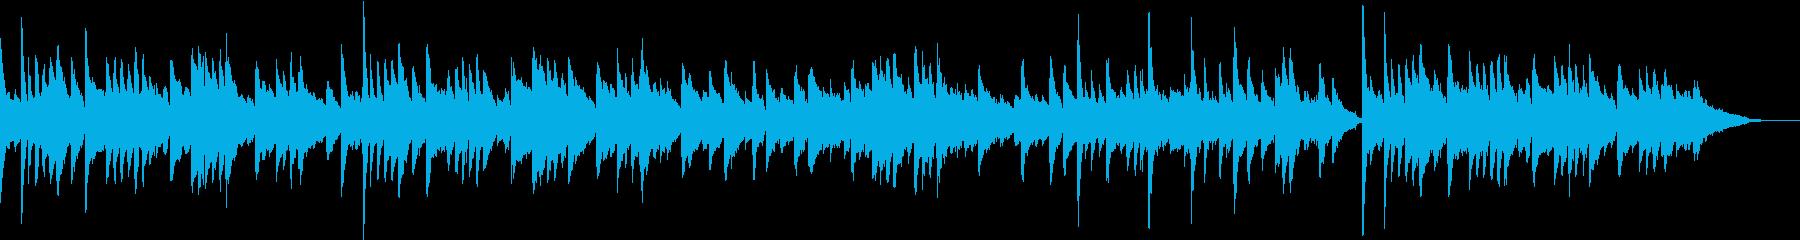 場面展開的なピアノ曲の再生済みの波形